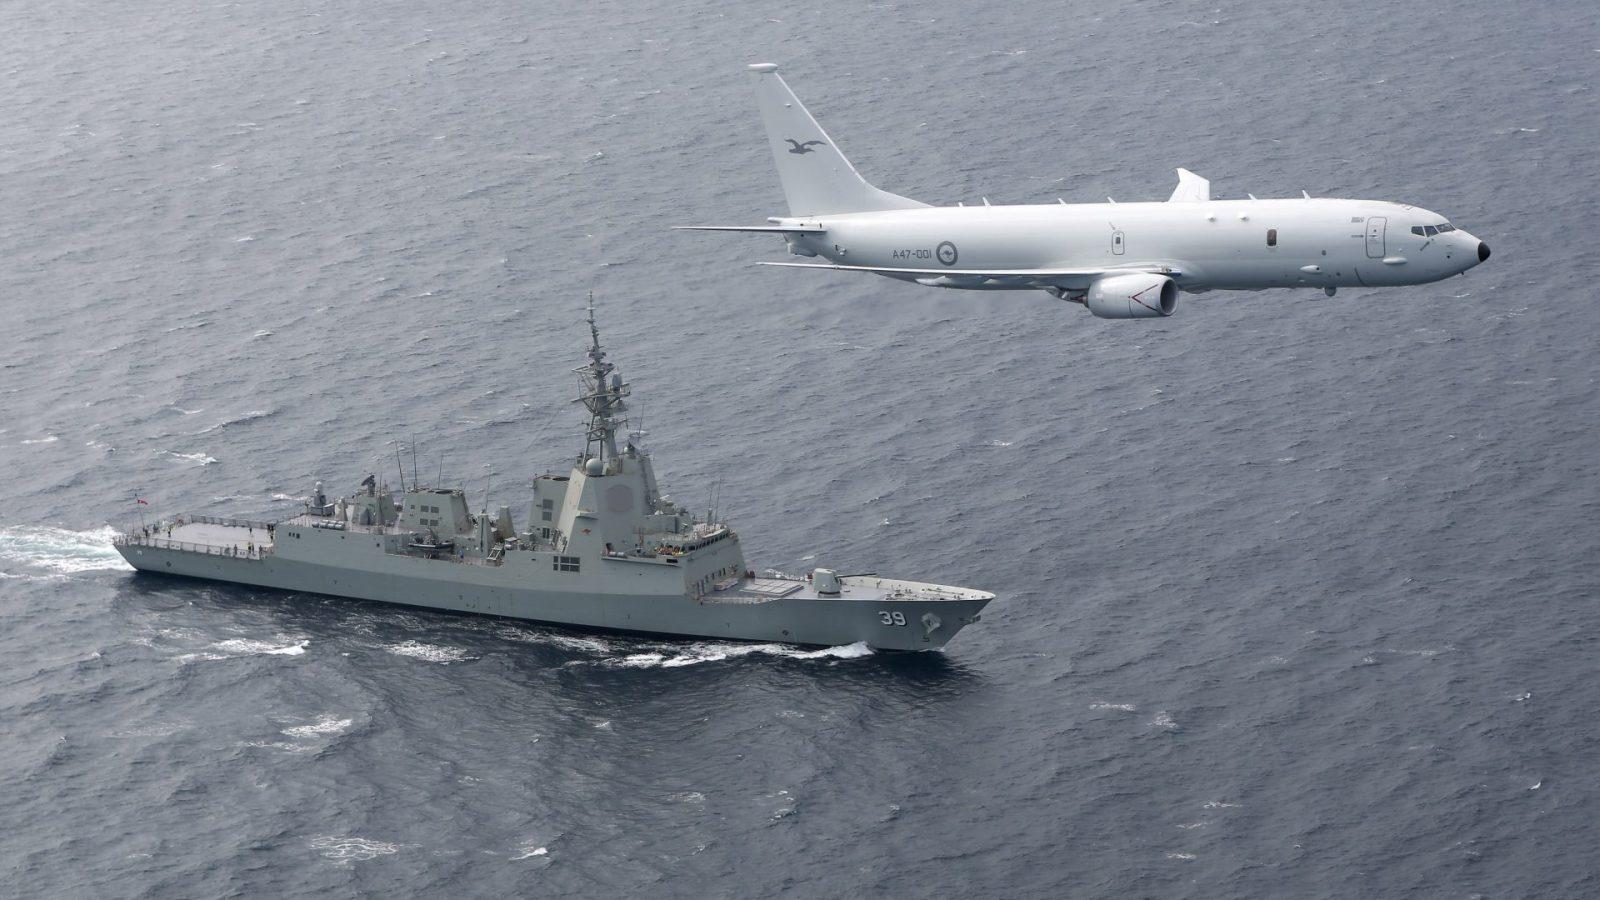 Royal Australian Air Force; Air-to-Air; Aircraft; A47 P-8A Poseidon; Royal Australian Navy; Ships; Hobart Class Air Warfare Destroyer (AWD);